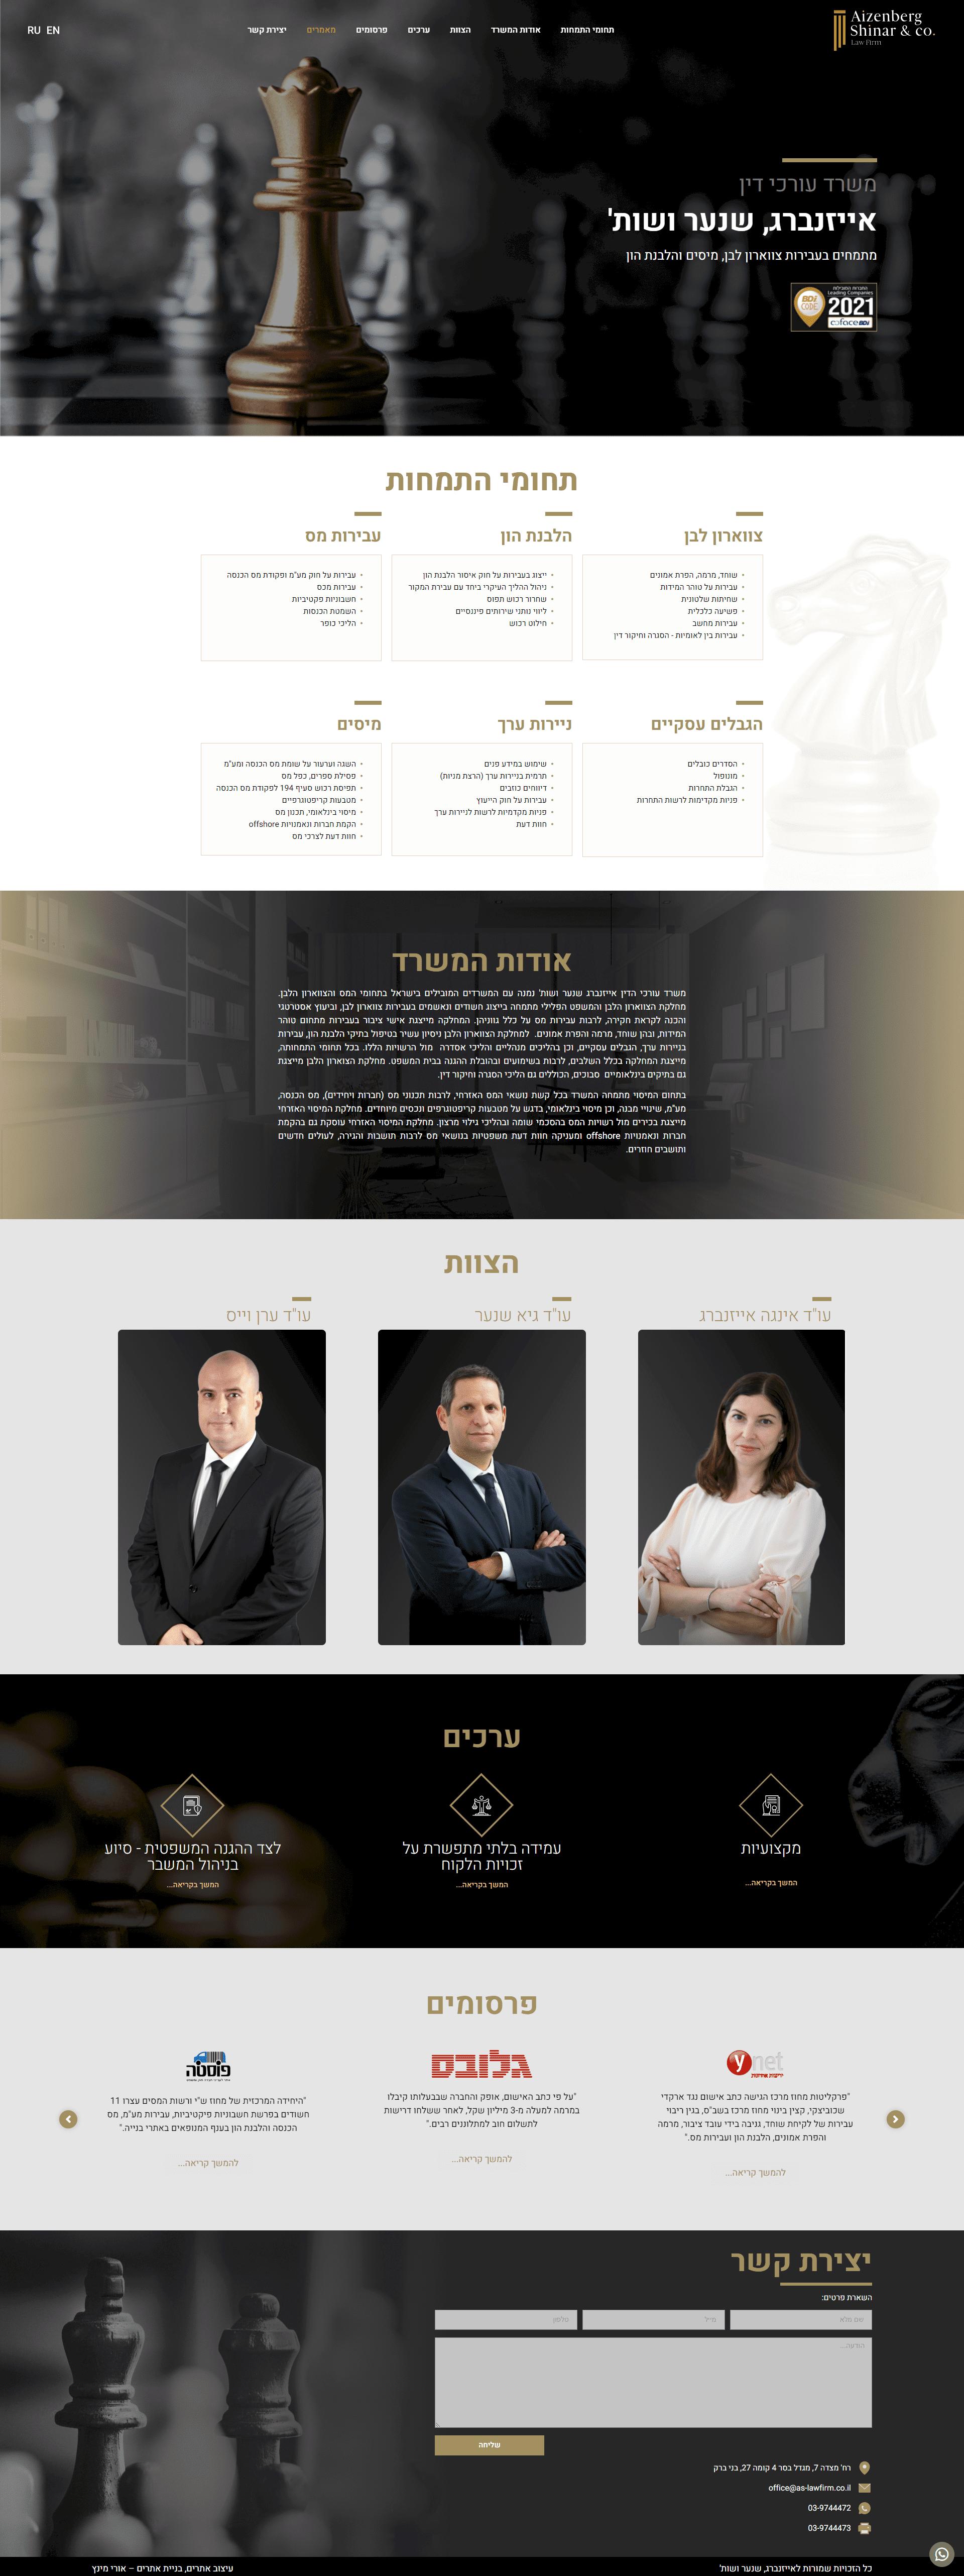 בניית אתרים לעורכי דין - אייזנברג שנער ושות׳